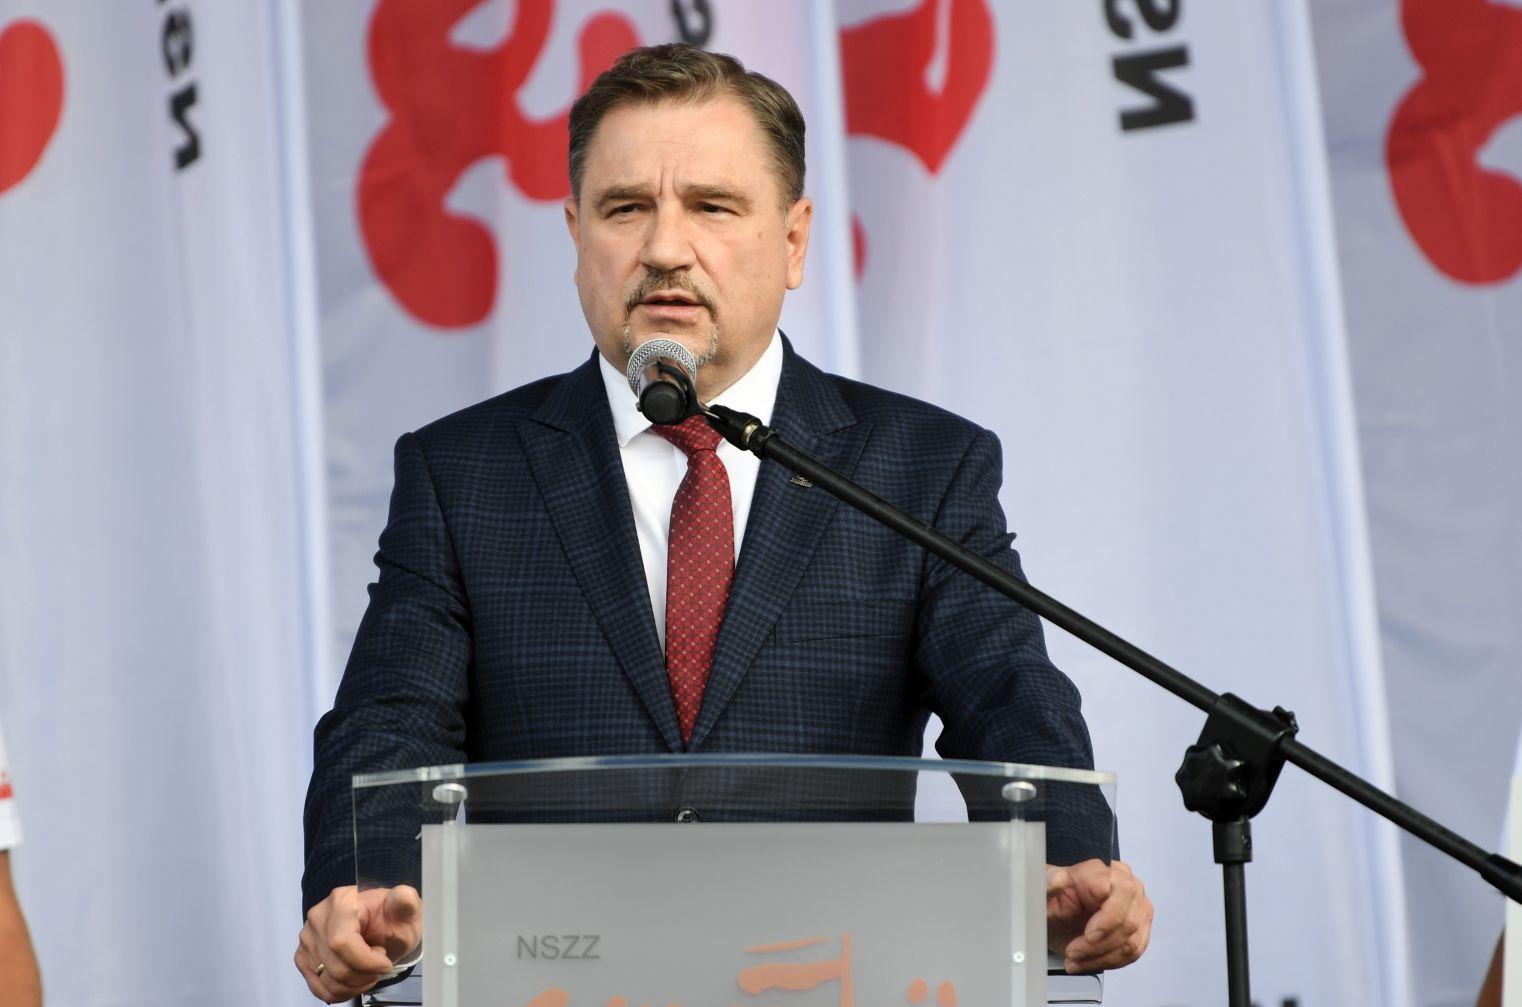 Piotr Duda: My też będziemy protestować spontanicznie. Skoro można [WYWIAD]  - GazetaPrawna.pl